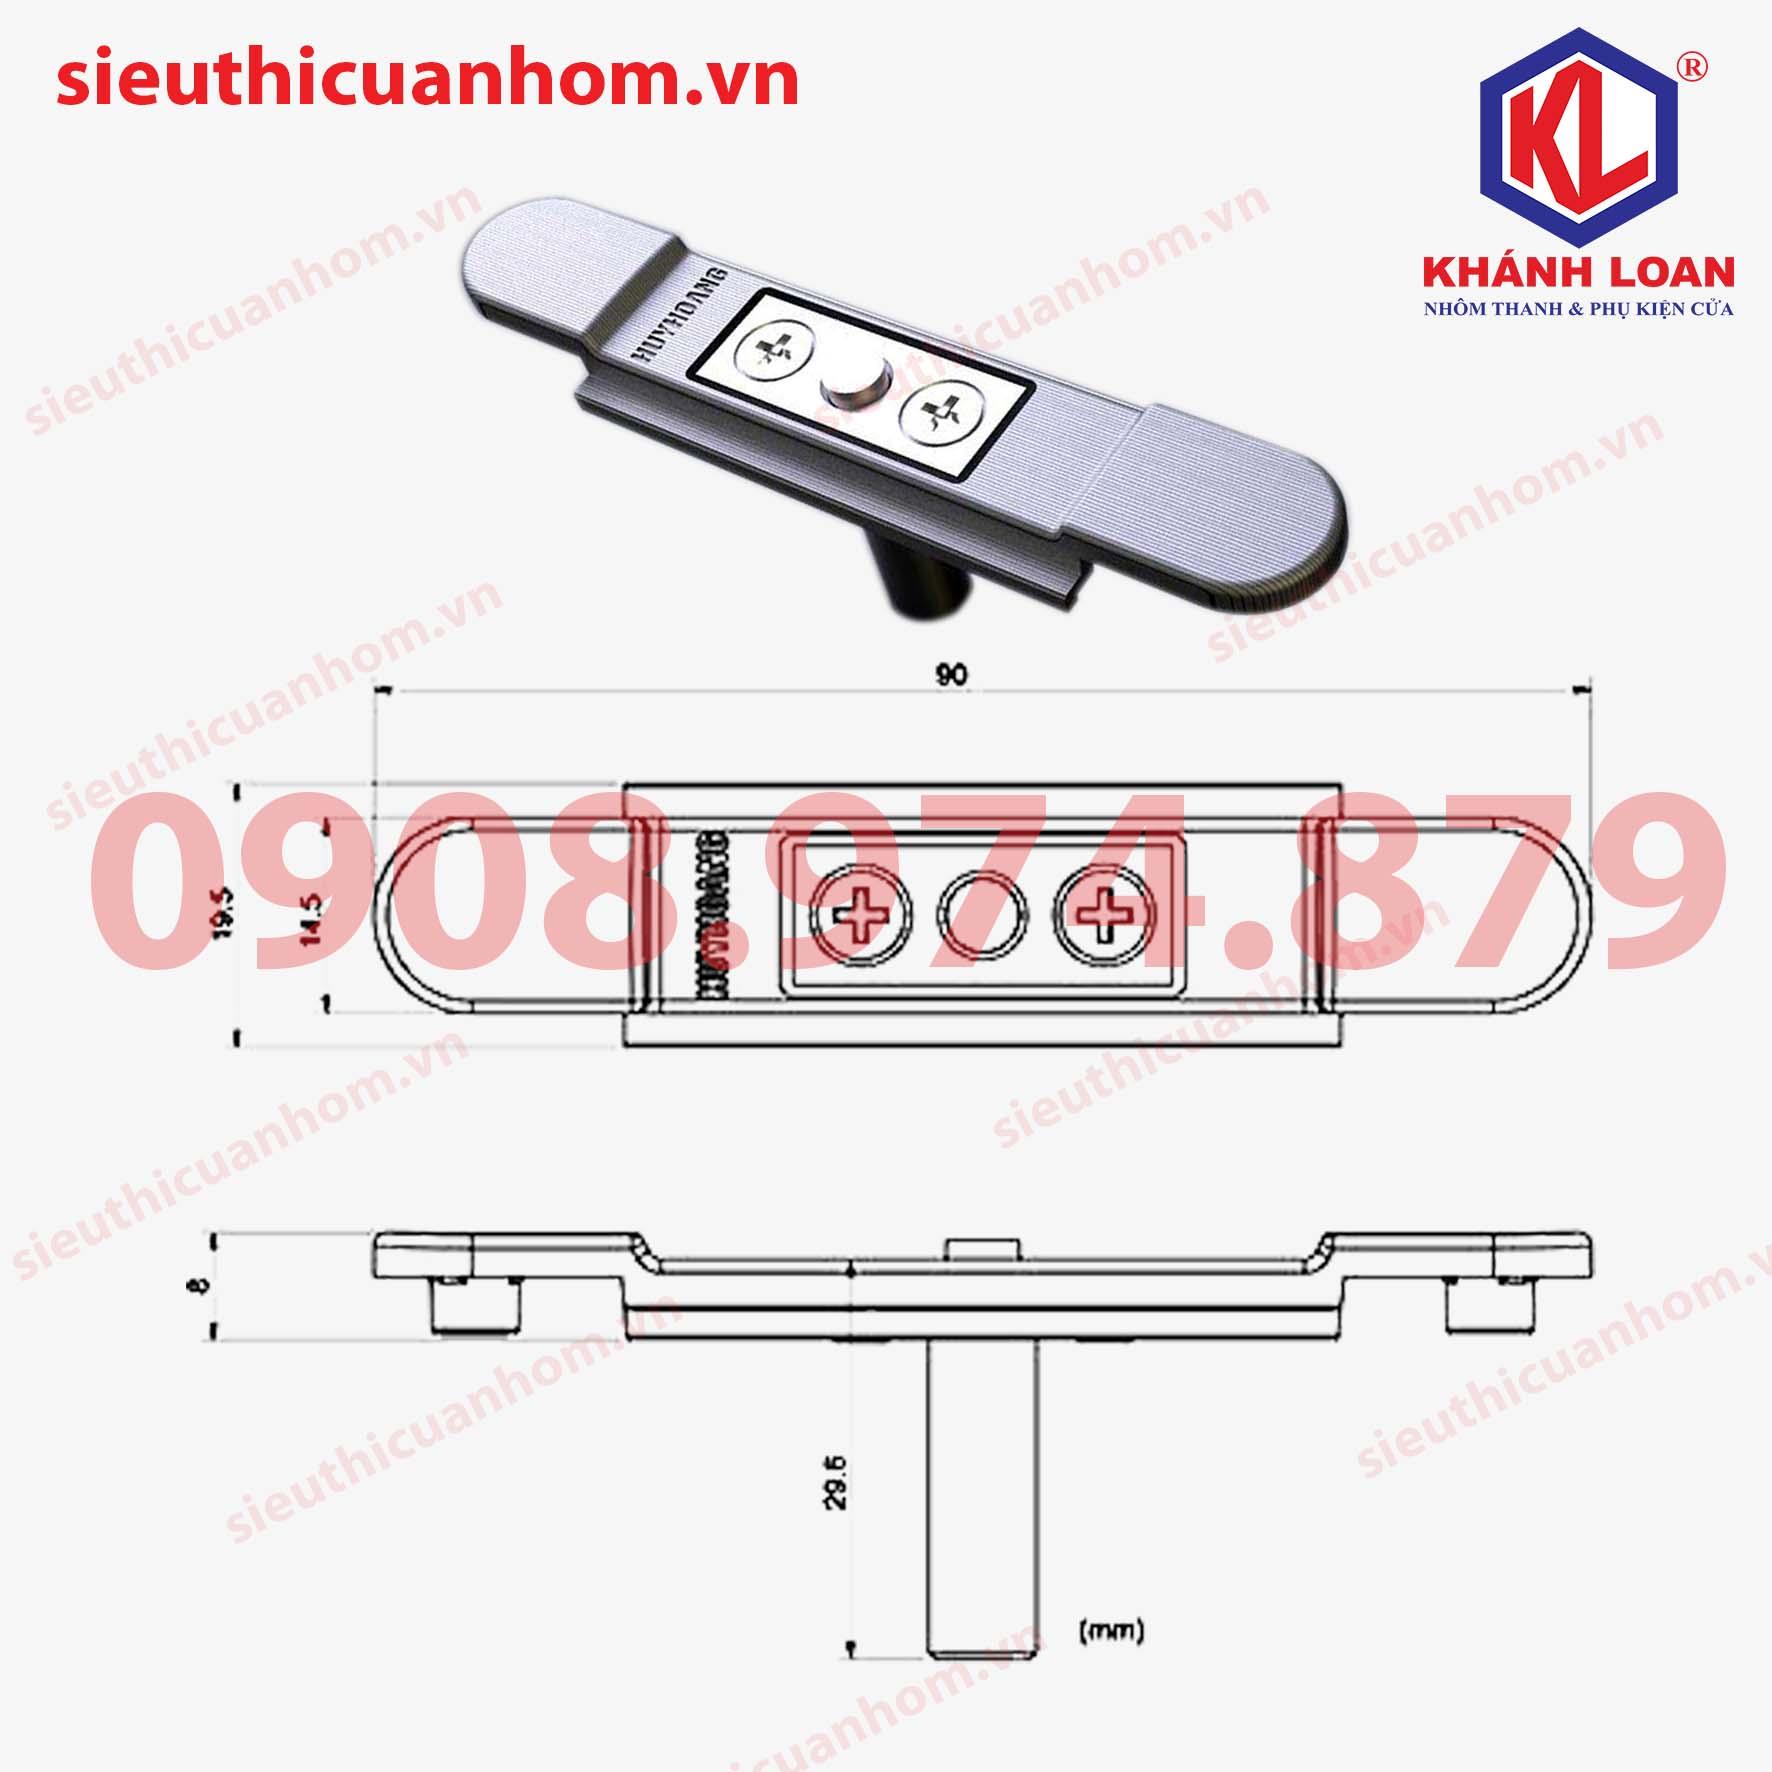 T liên kết tay nắm và thanh đa điểm cửa sổ hệ 55 hiệu Huy Hoàng HH-ZCD75